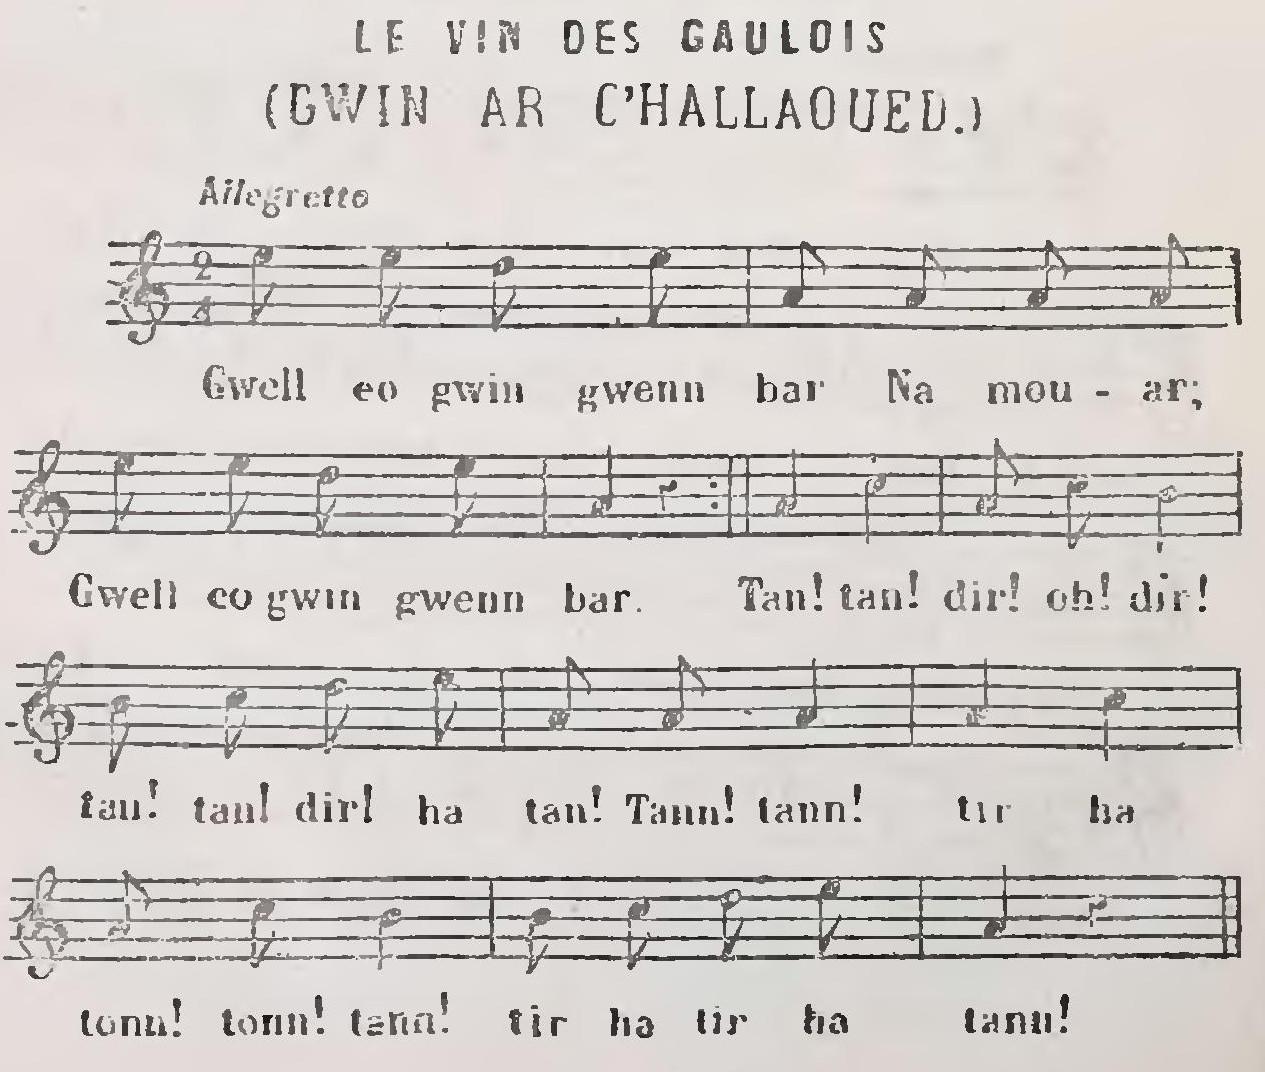 Le Vin des Gaulois (Gwin ar C'hallaoued)